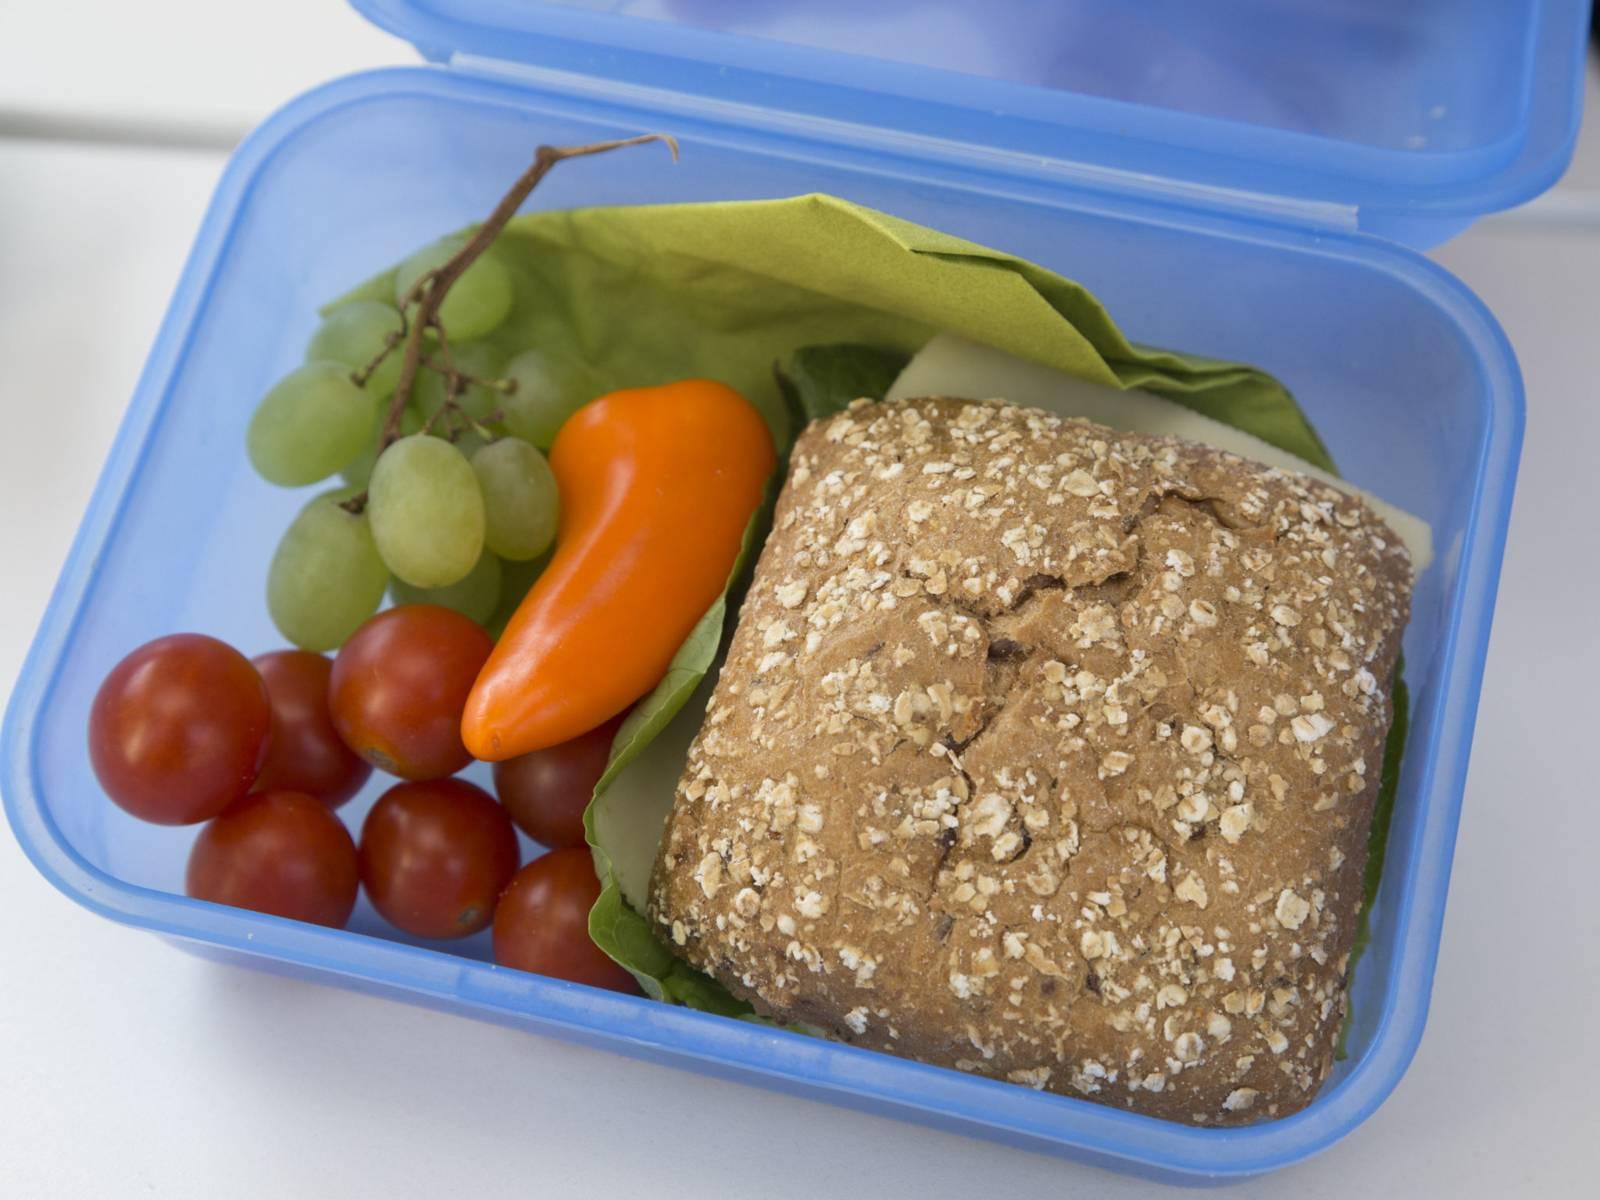 Brotdose mit Käsebrötchen, Tomaten und Weintrauben gefüllt